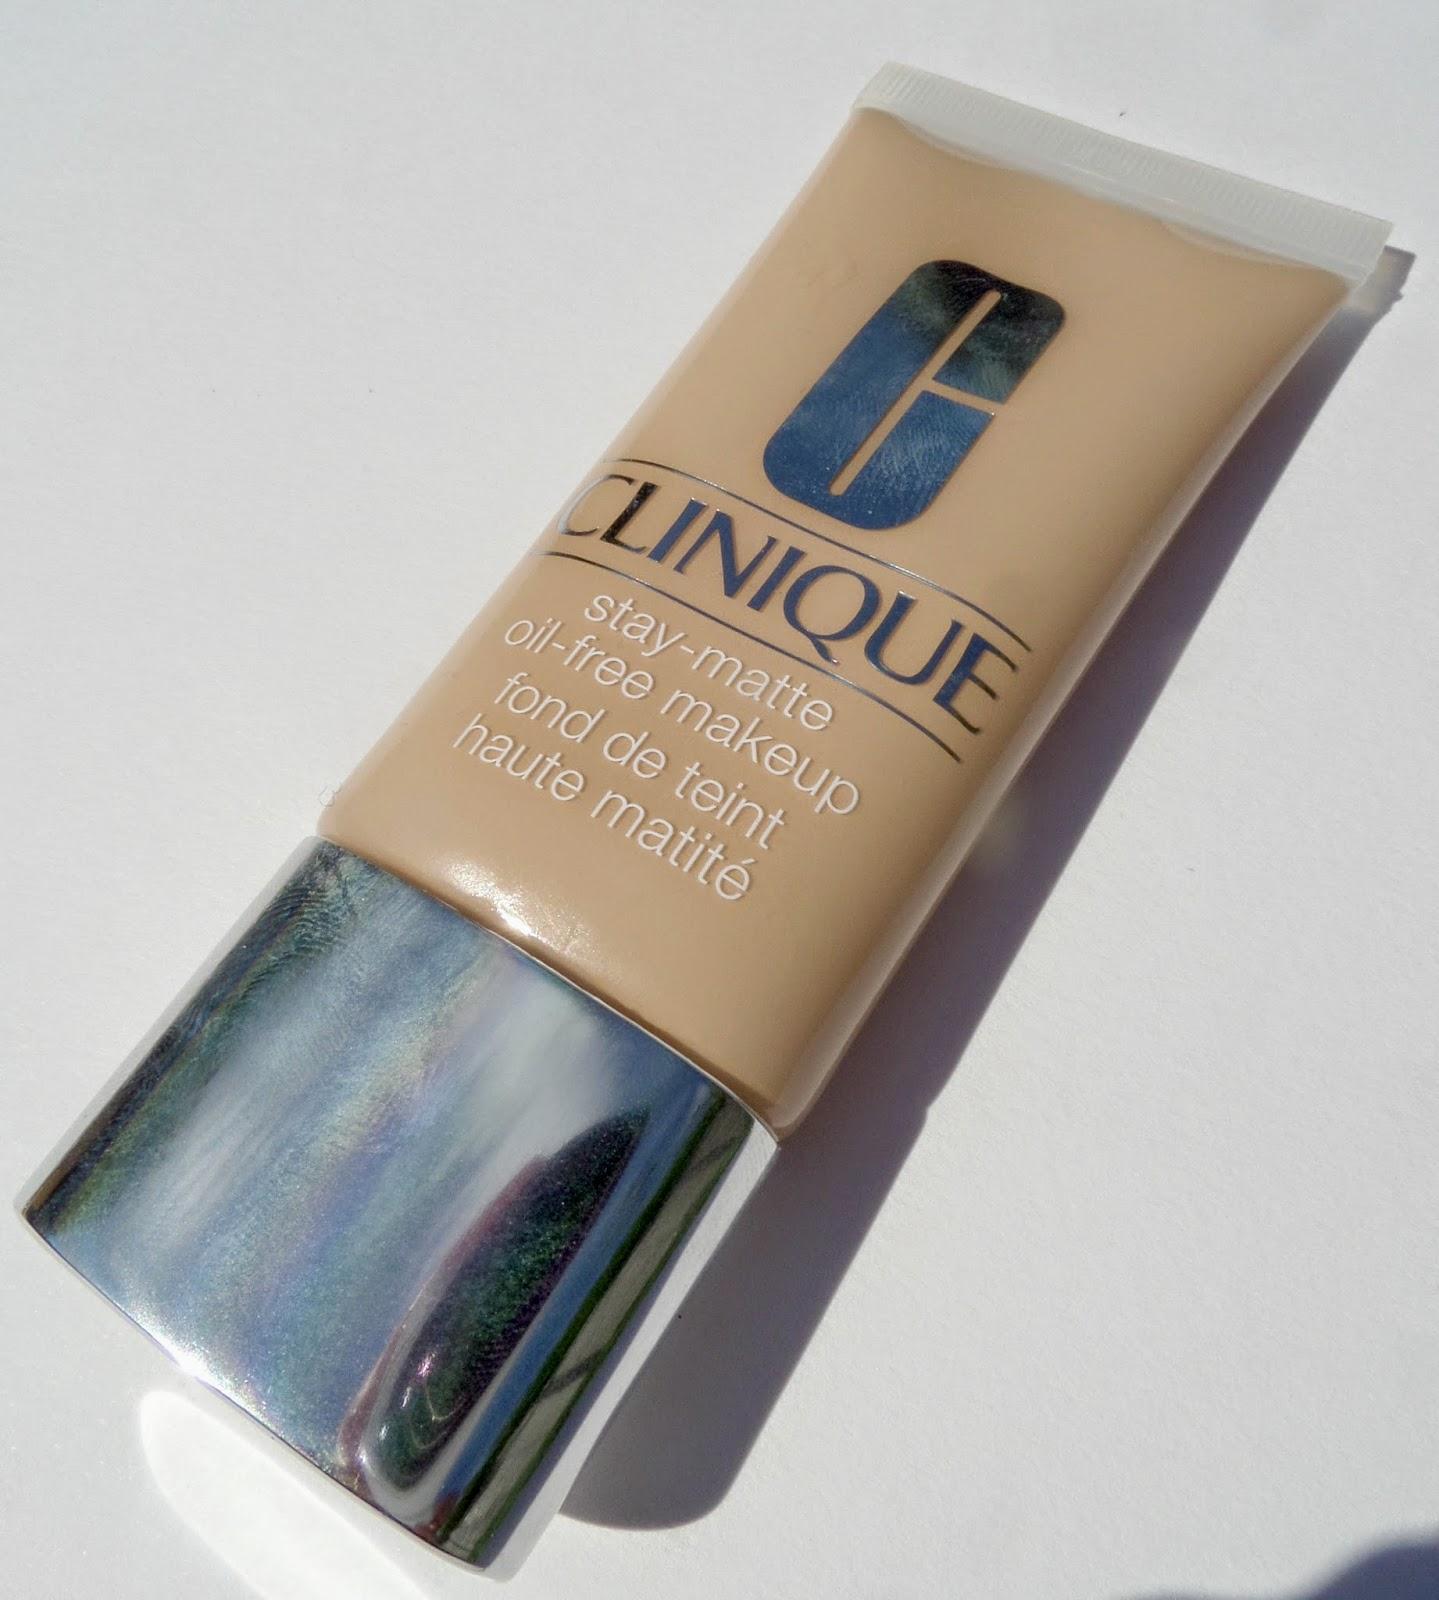 Review Clinique Stay Matte Oil Free Makeup Foundation Lauren